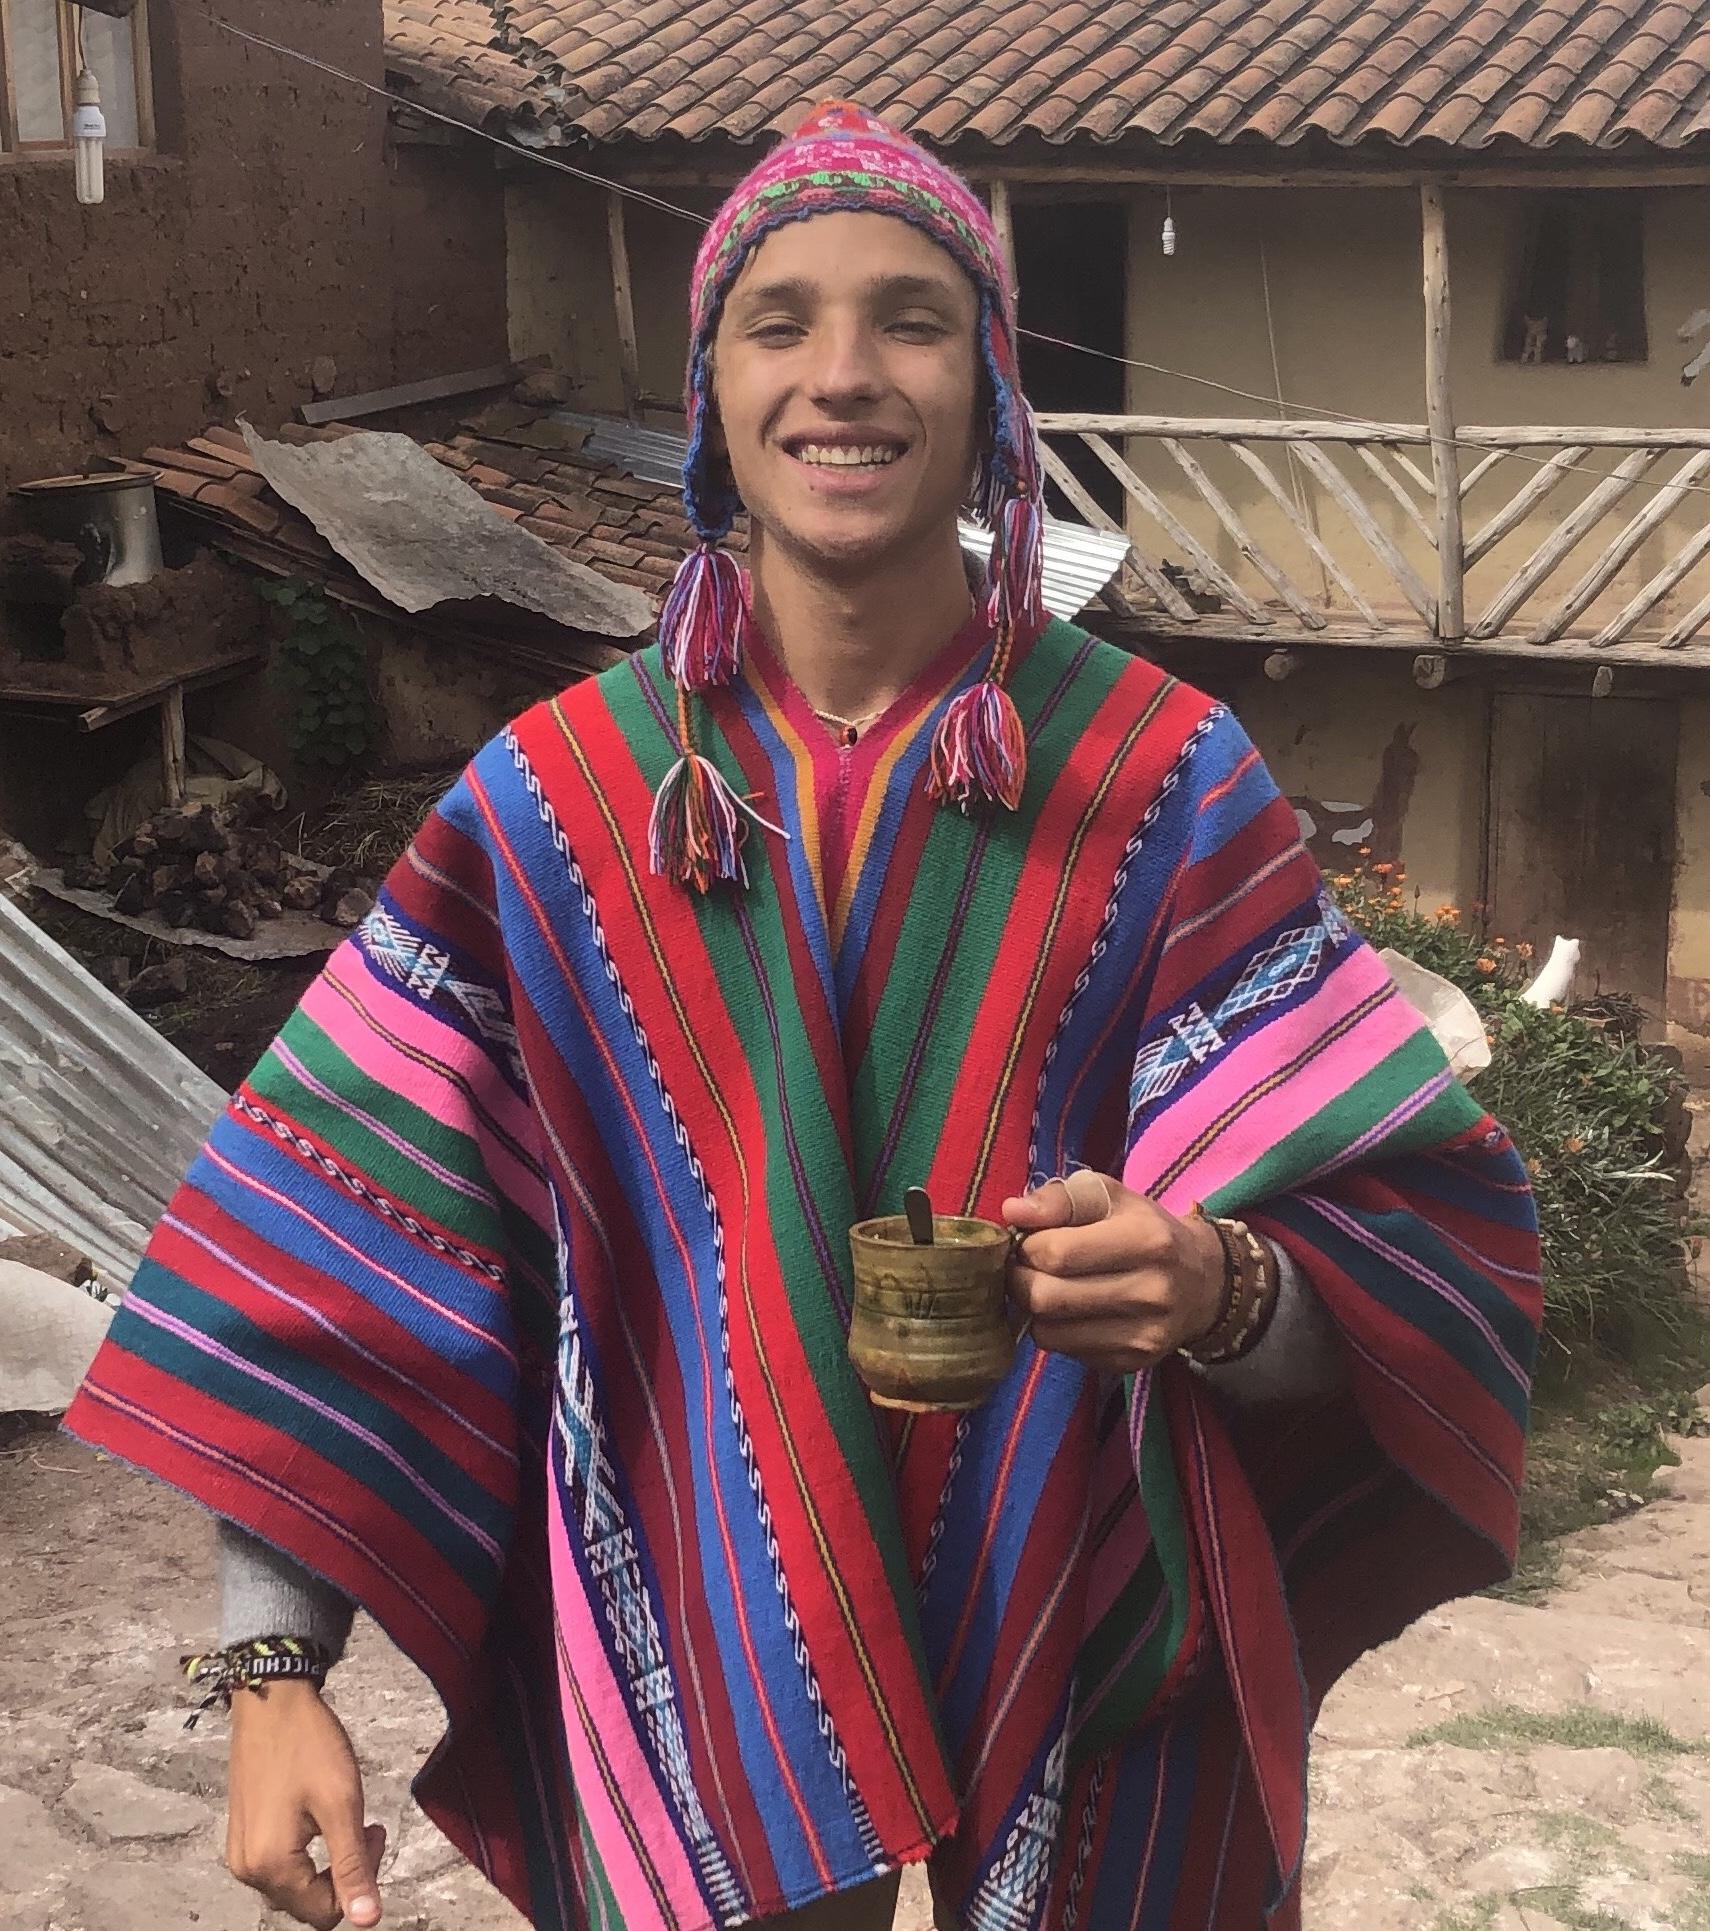 Nick in Peru